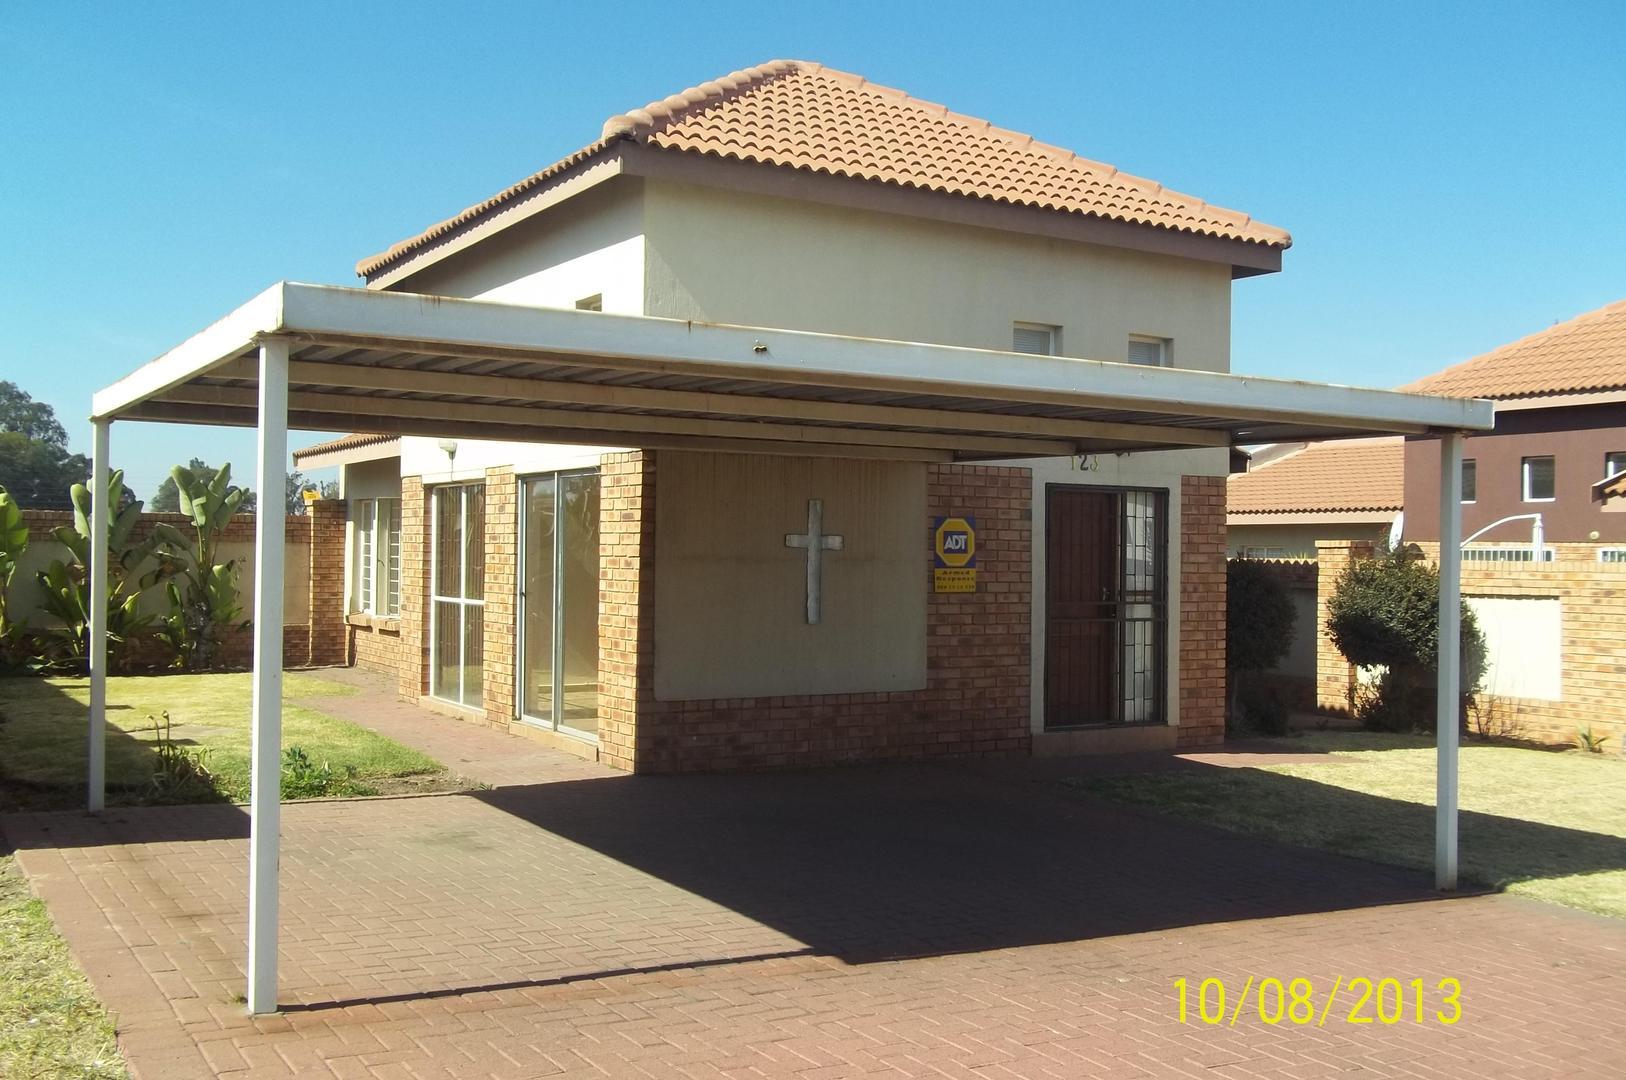 2 BedroomHouse To Rent In Reyno Ridge